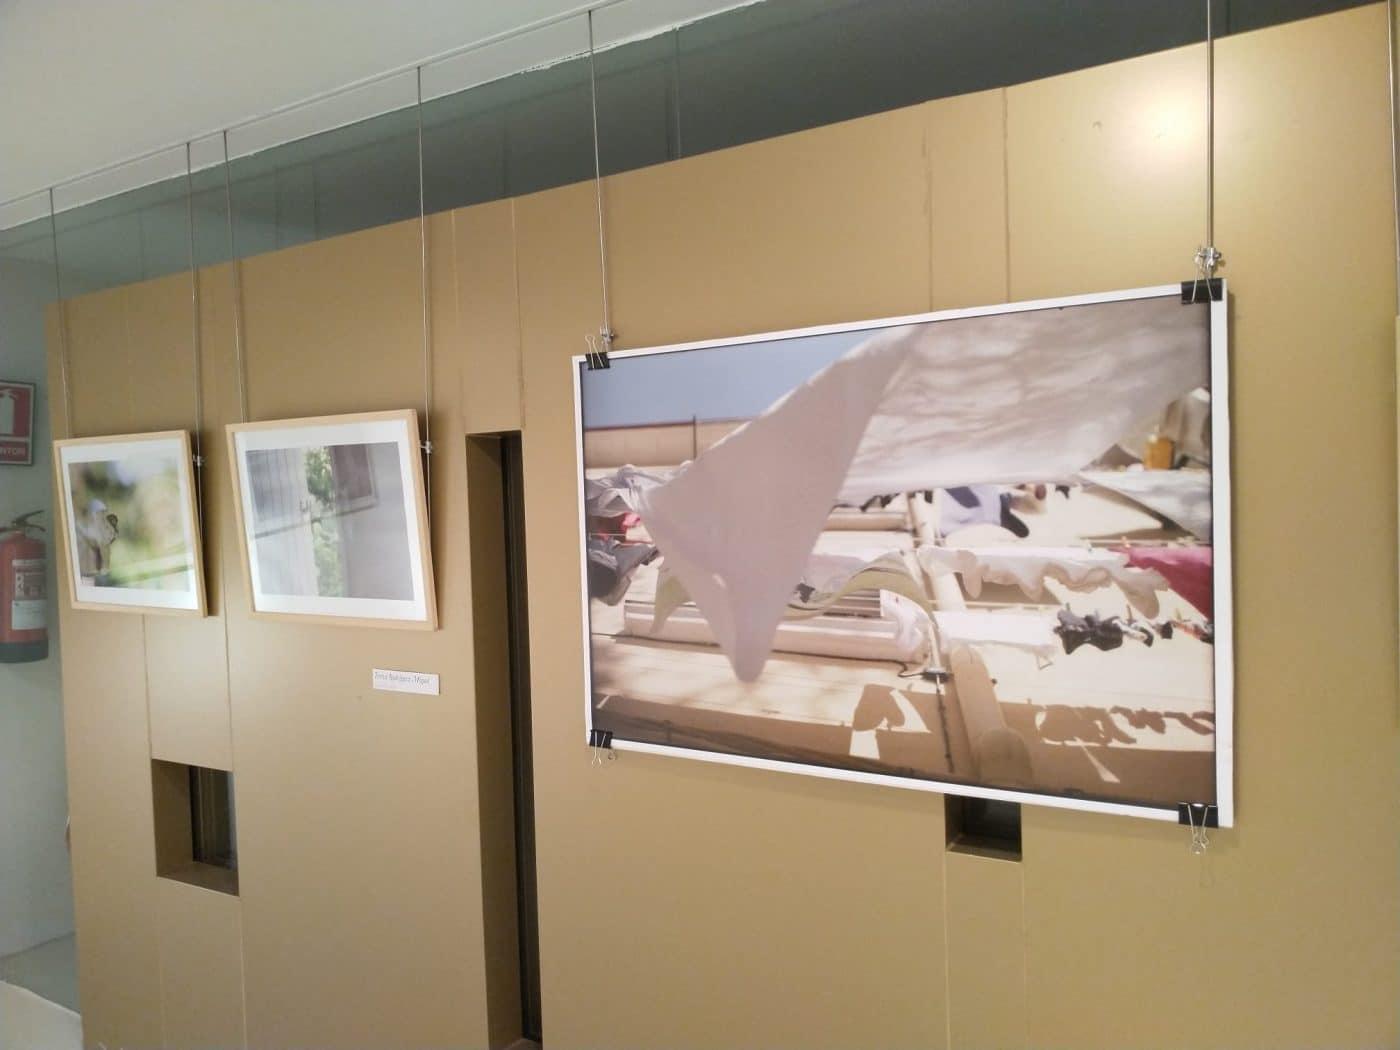 La exposición fotográfica 'Poéticas' ya se puede visitar en Santo Domingo 2